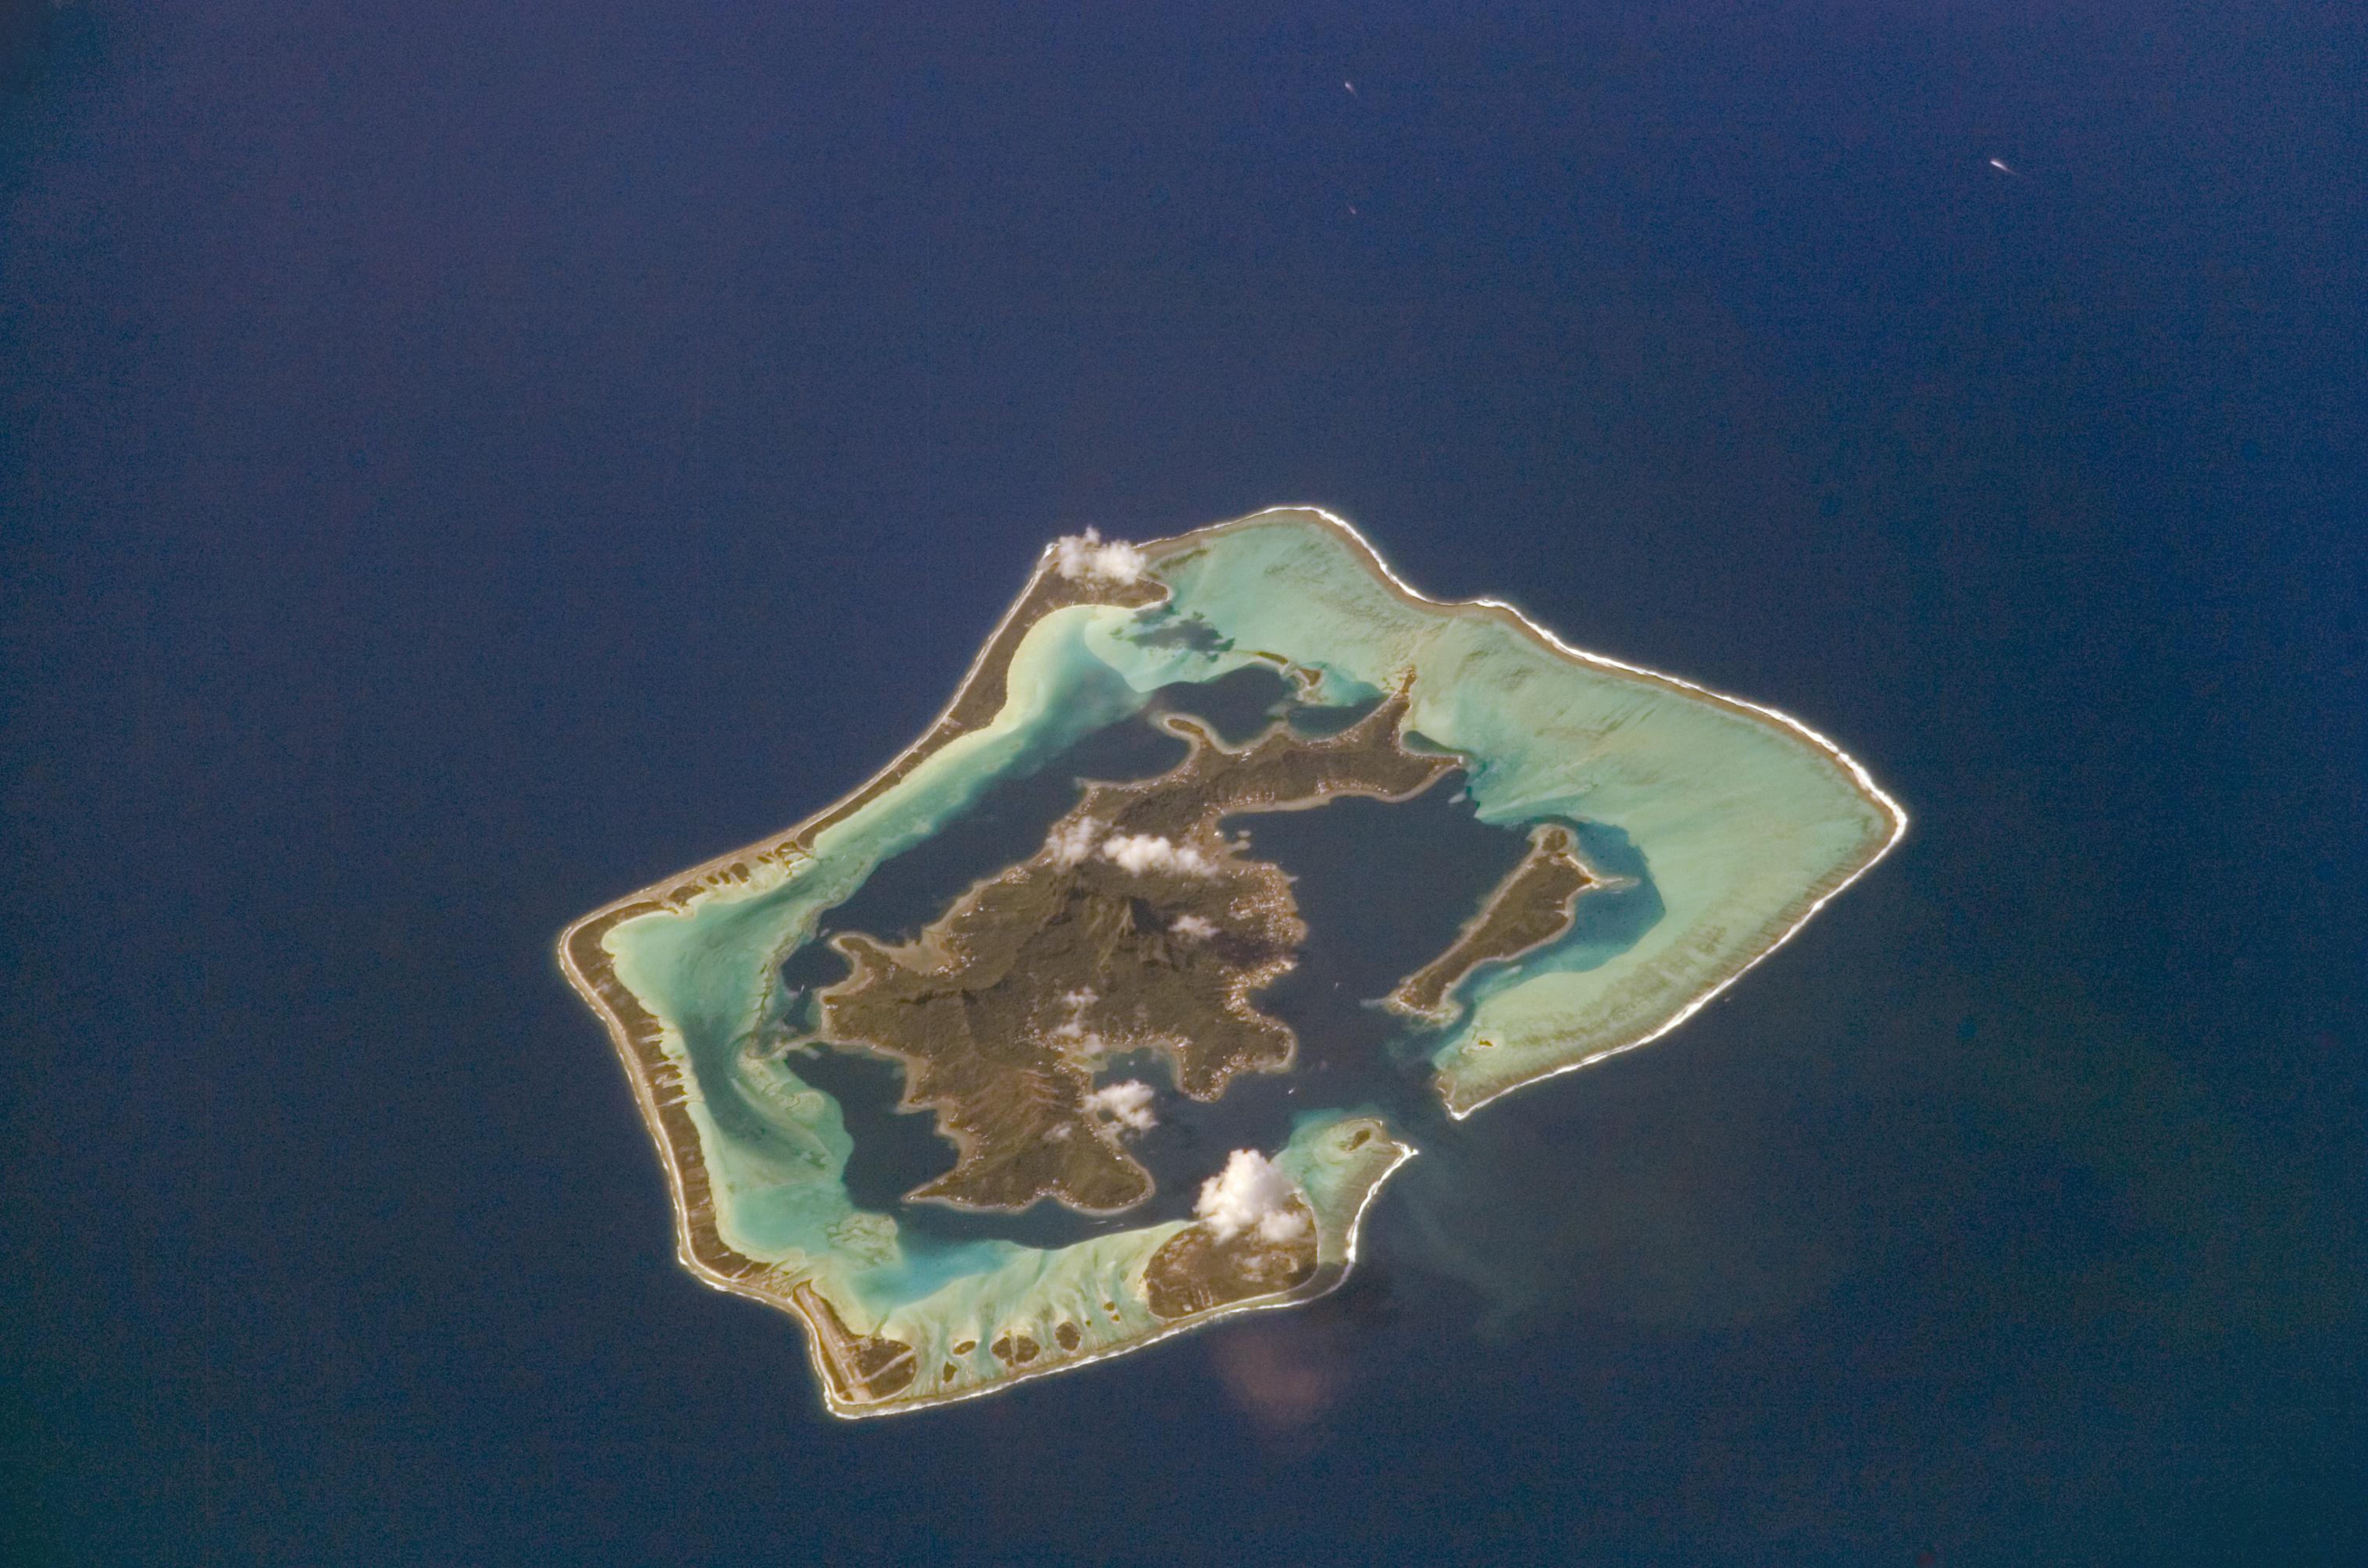 جــــزيــــــــرة Bora-Bora الســــــاحـــــرة NASA-BoraBora.jpg